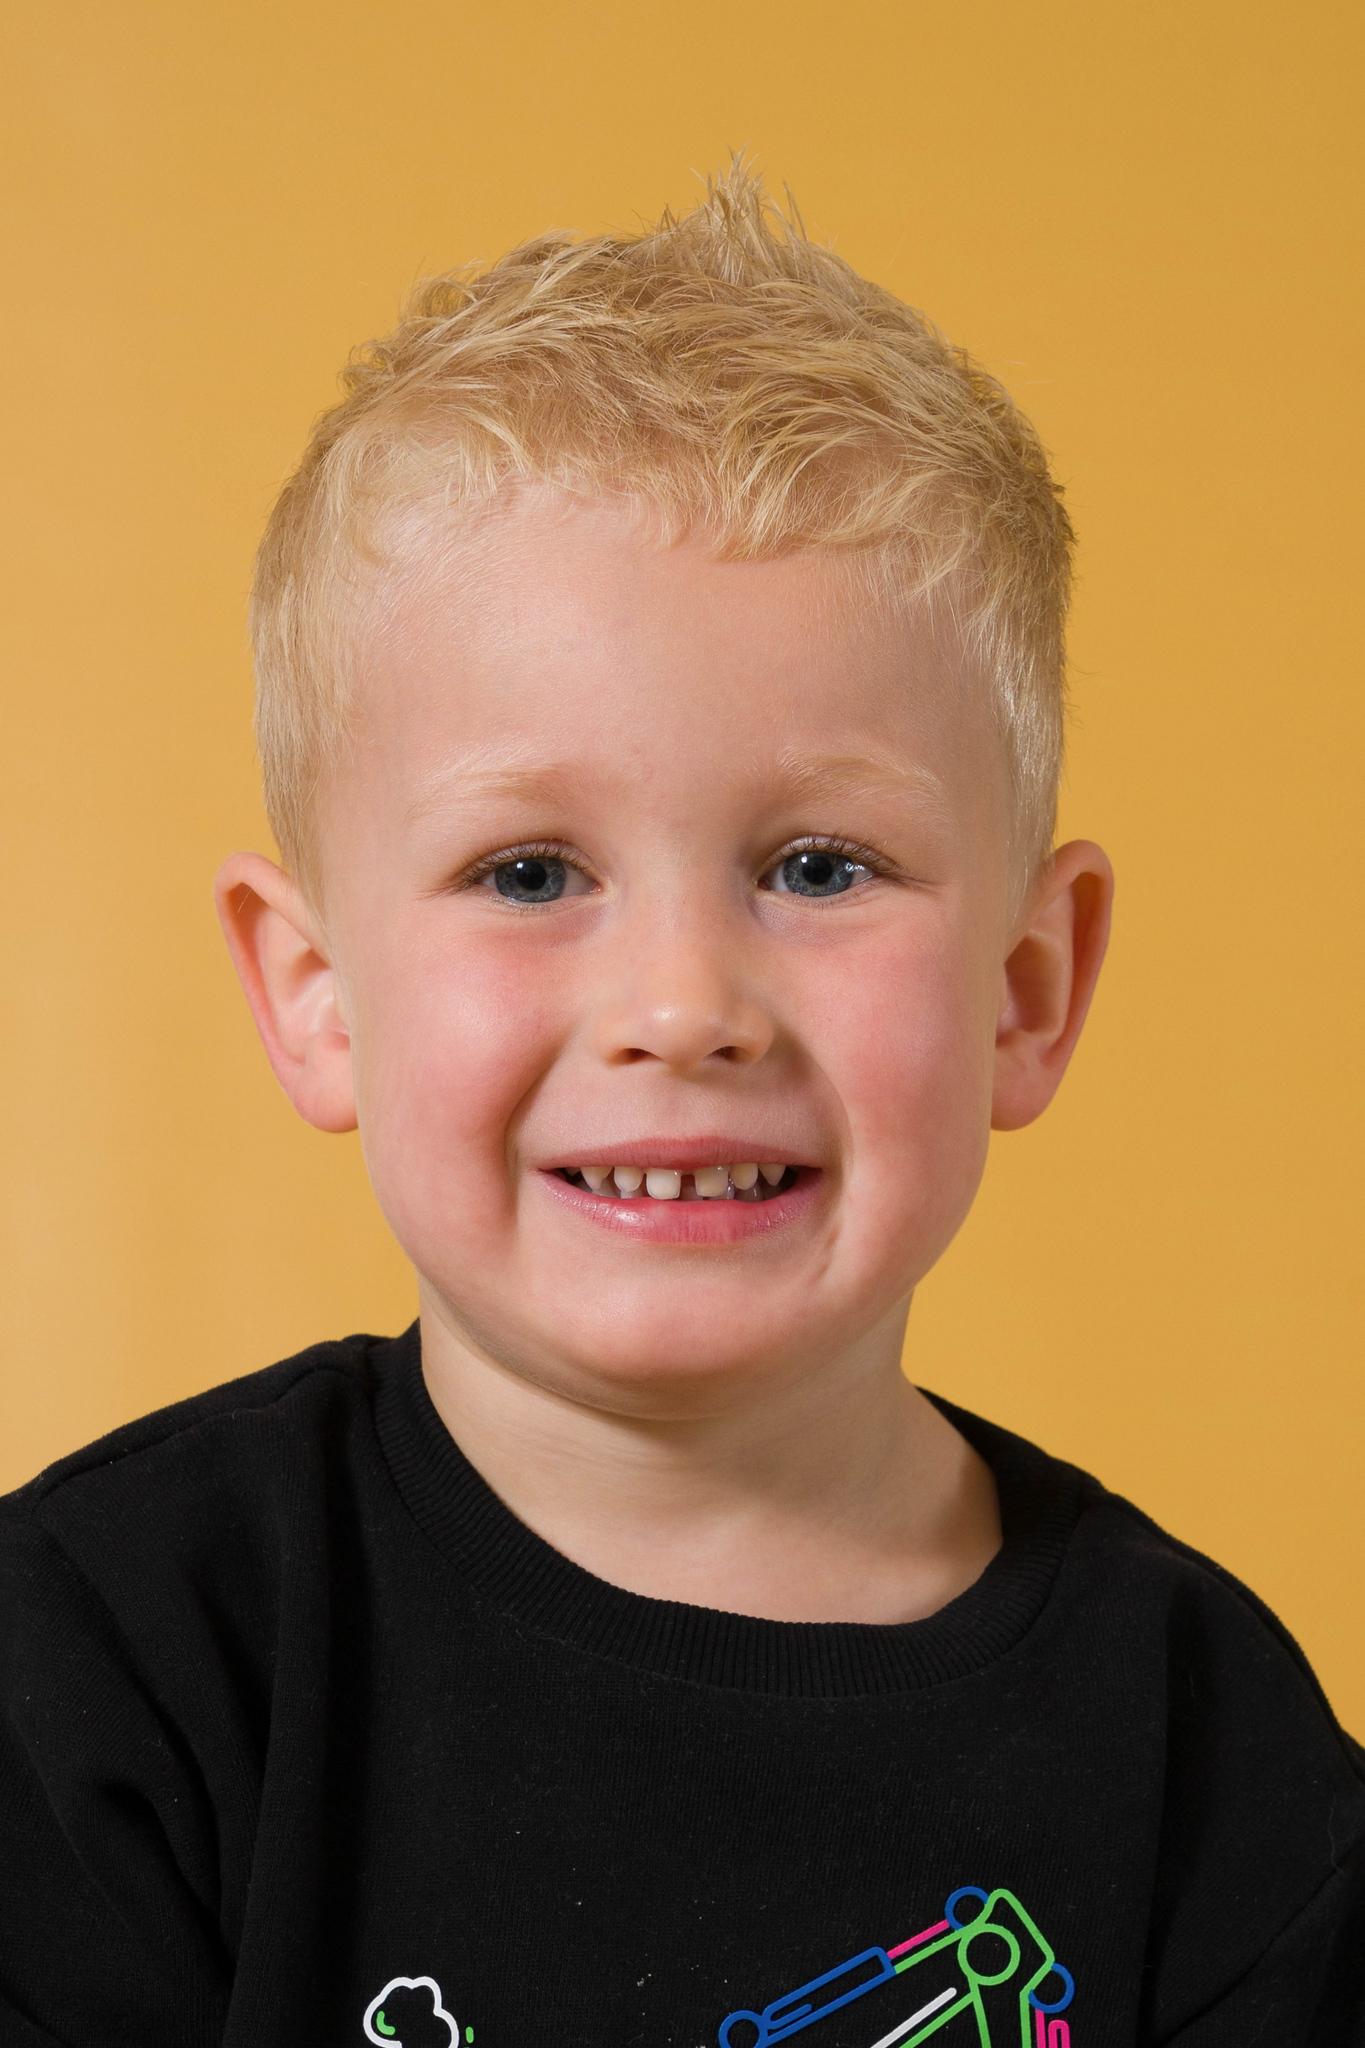 Photo: NieuweSchoolfoto-2.jpg